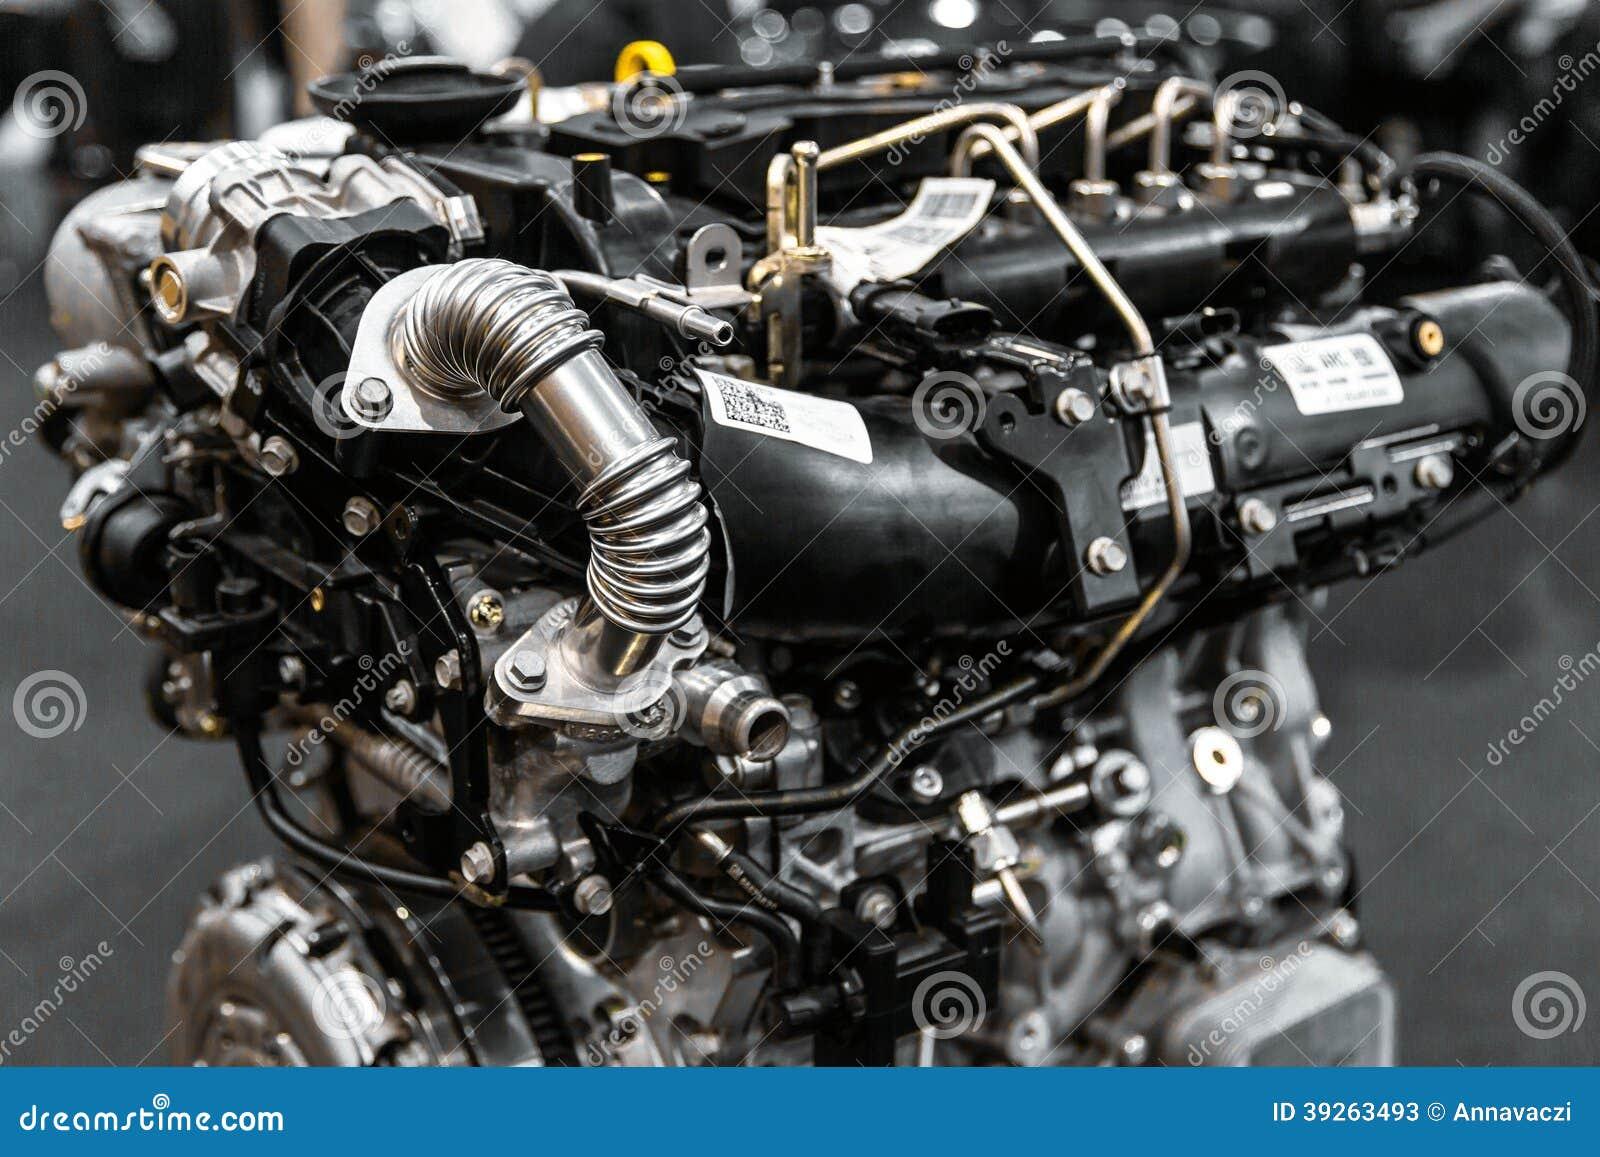 moteur de voiture de turbo image stock image du groupe